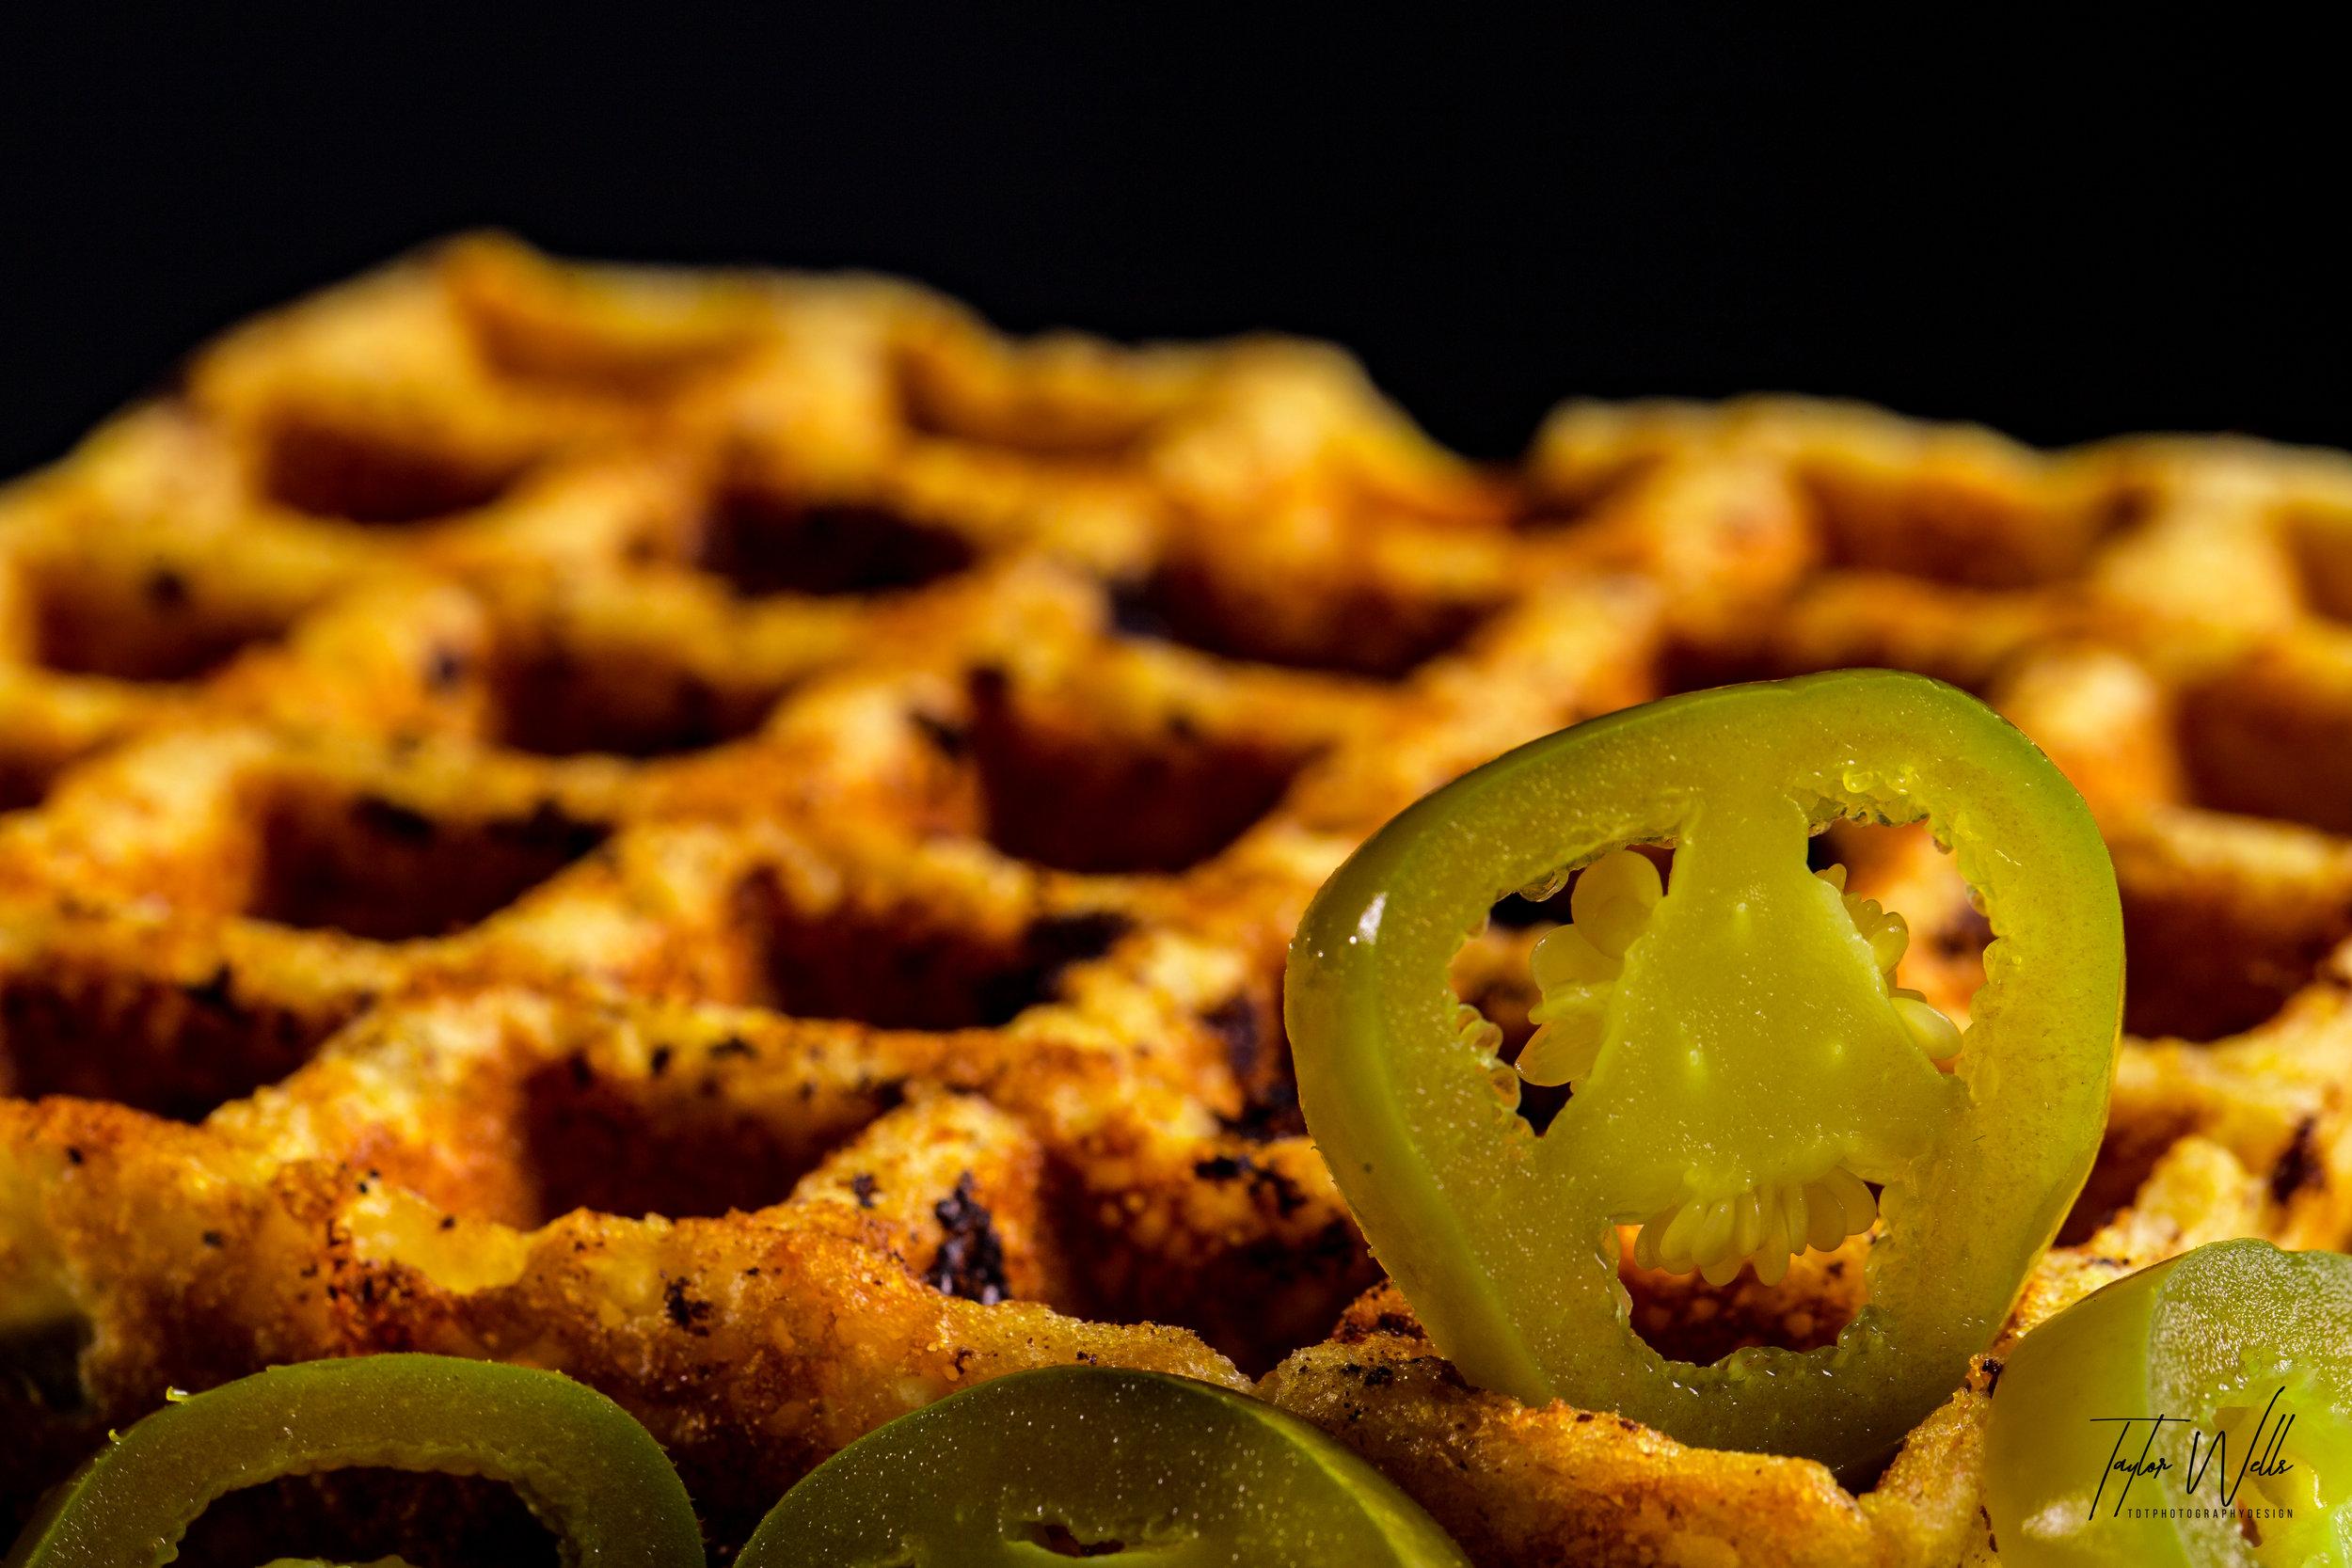 WaffleDudes_0-20.jpg